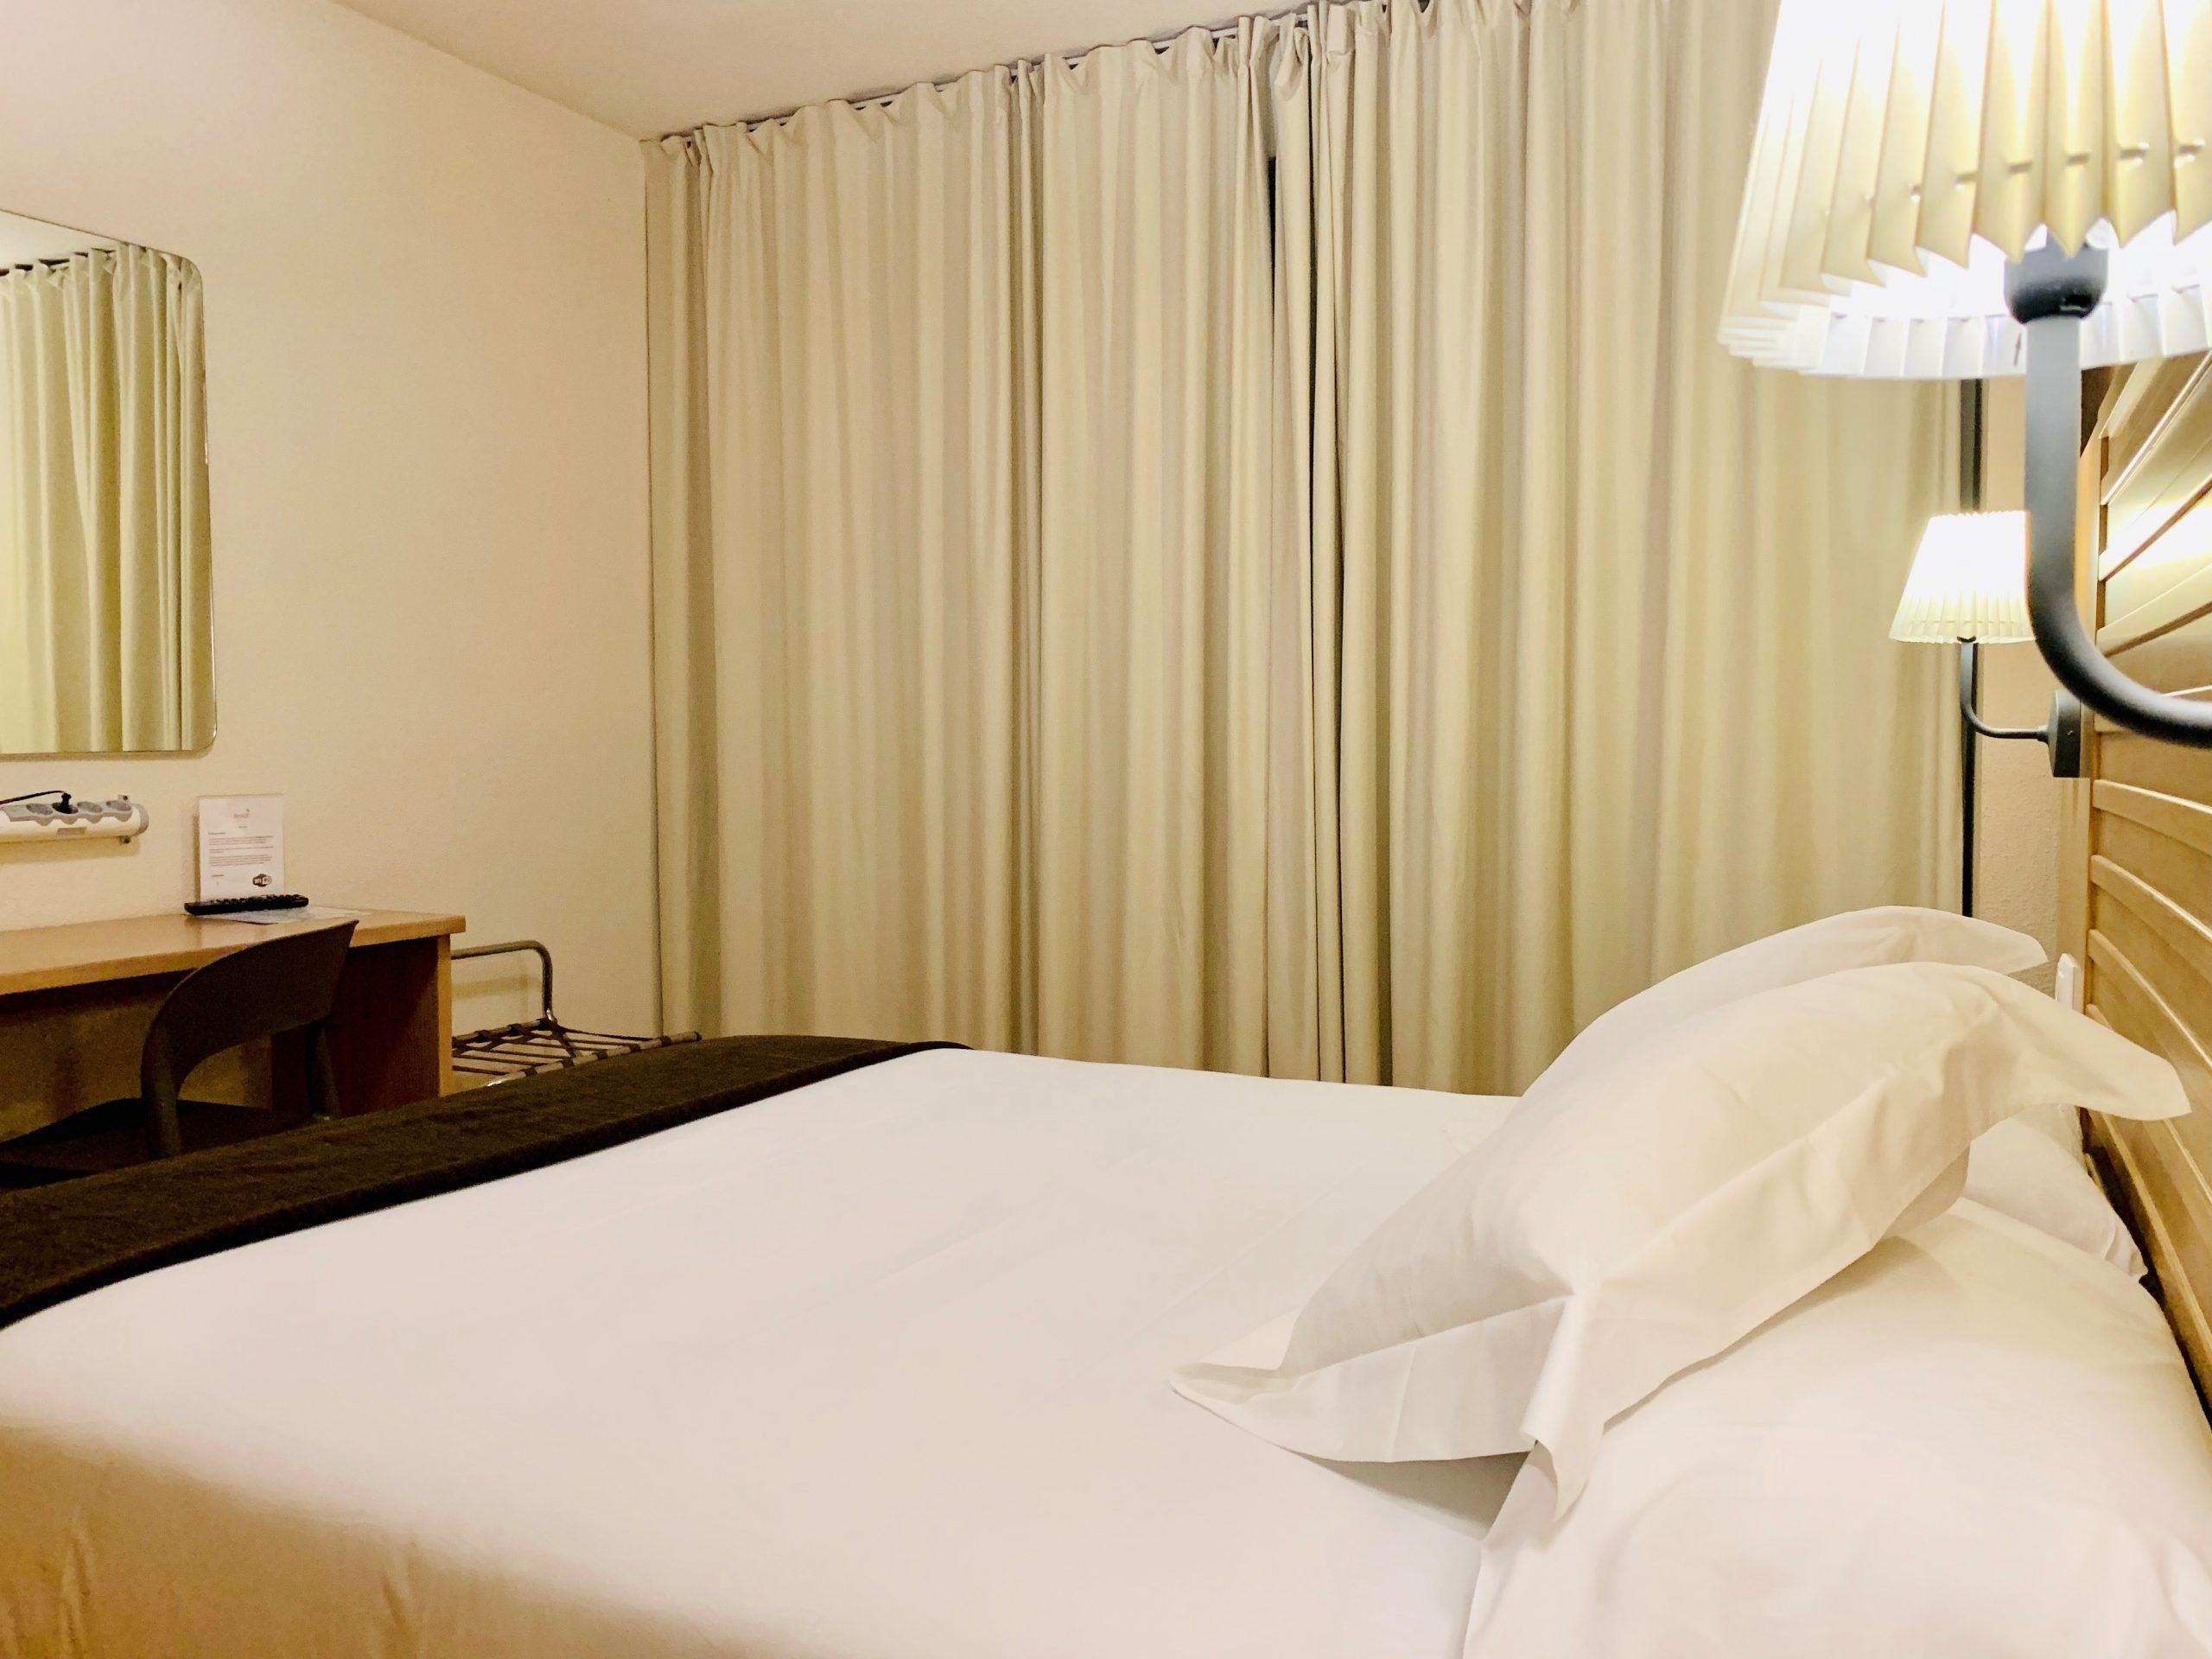 habitacion amplia y confortable